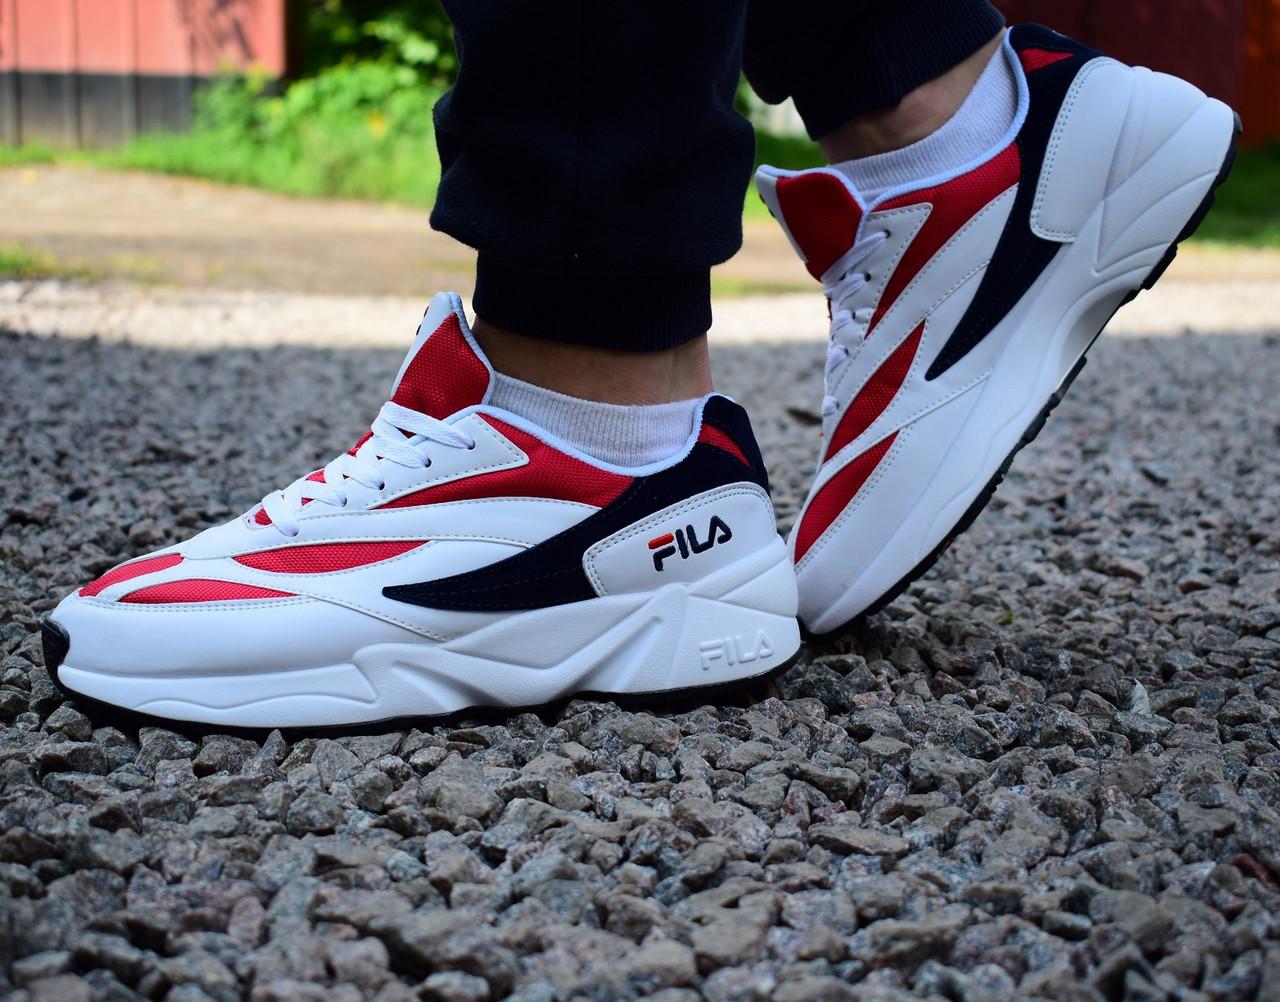 a8341b9985fa ... Кроссовки мужские FILA 2018 VENOM 94 41-45 размеры cost charm 44d4d  5437a  FILA VENOM 94 Shoes Athletic Running FS1HTA3031XWRD SZ 4-13 ...